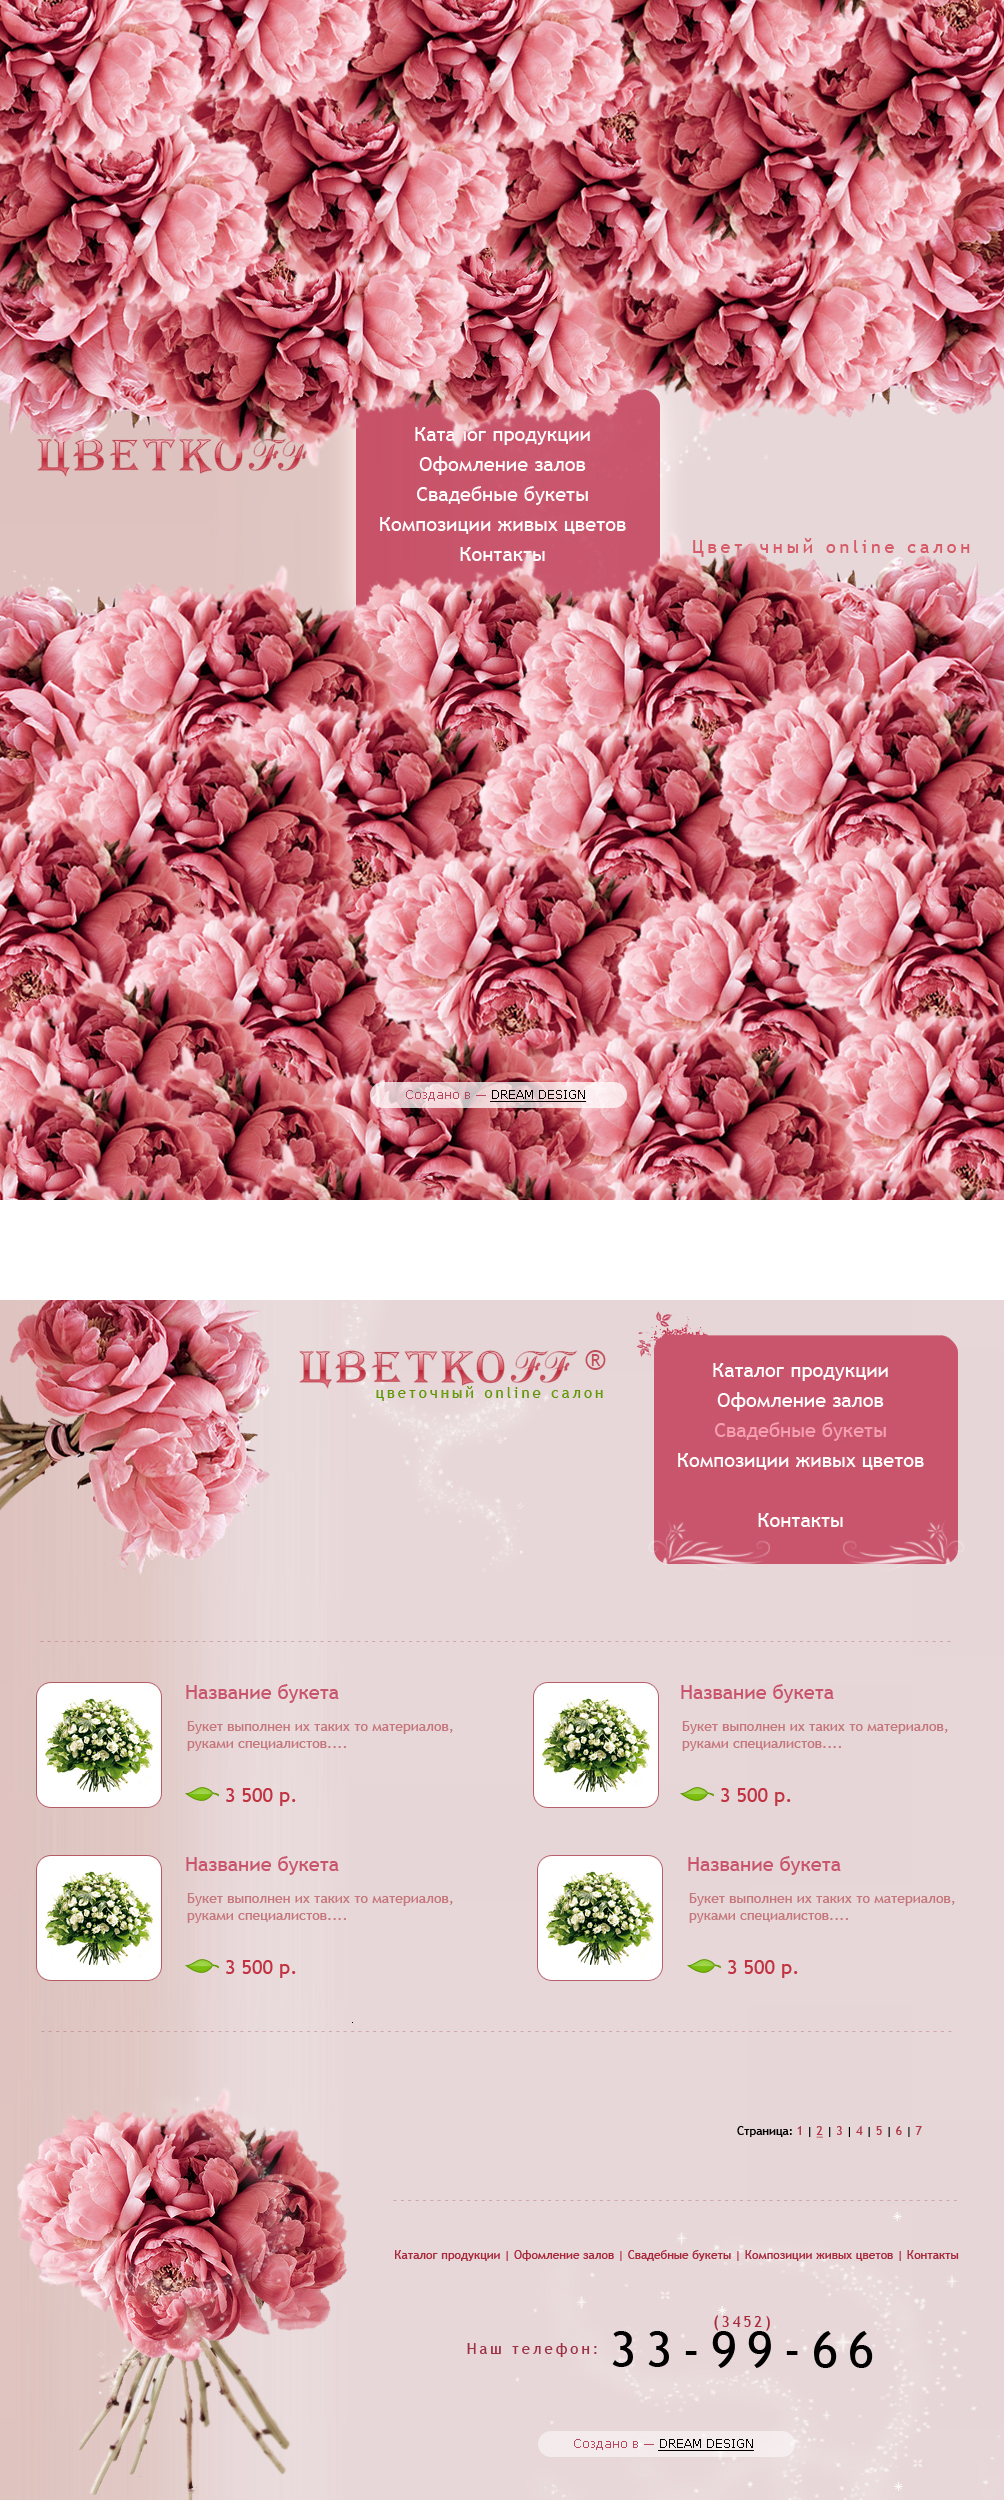 ЦветкоFF - цветочный online салон